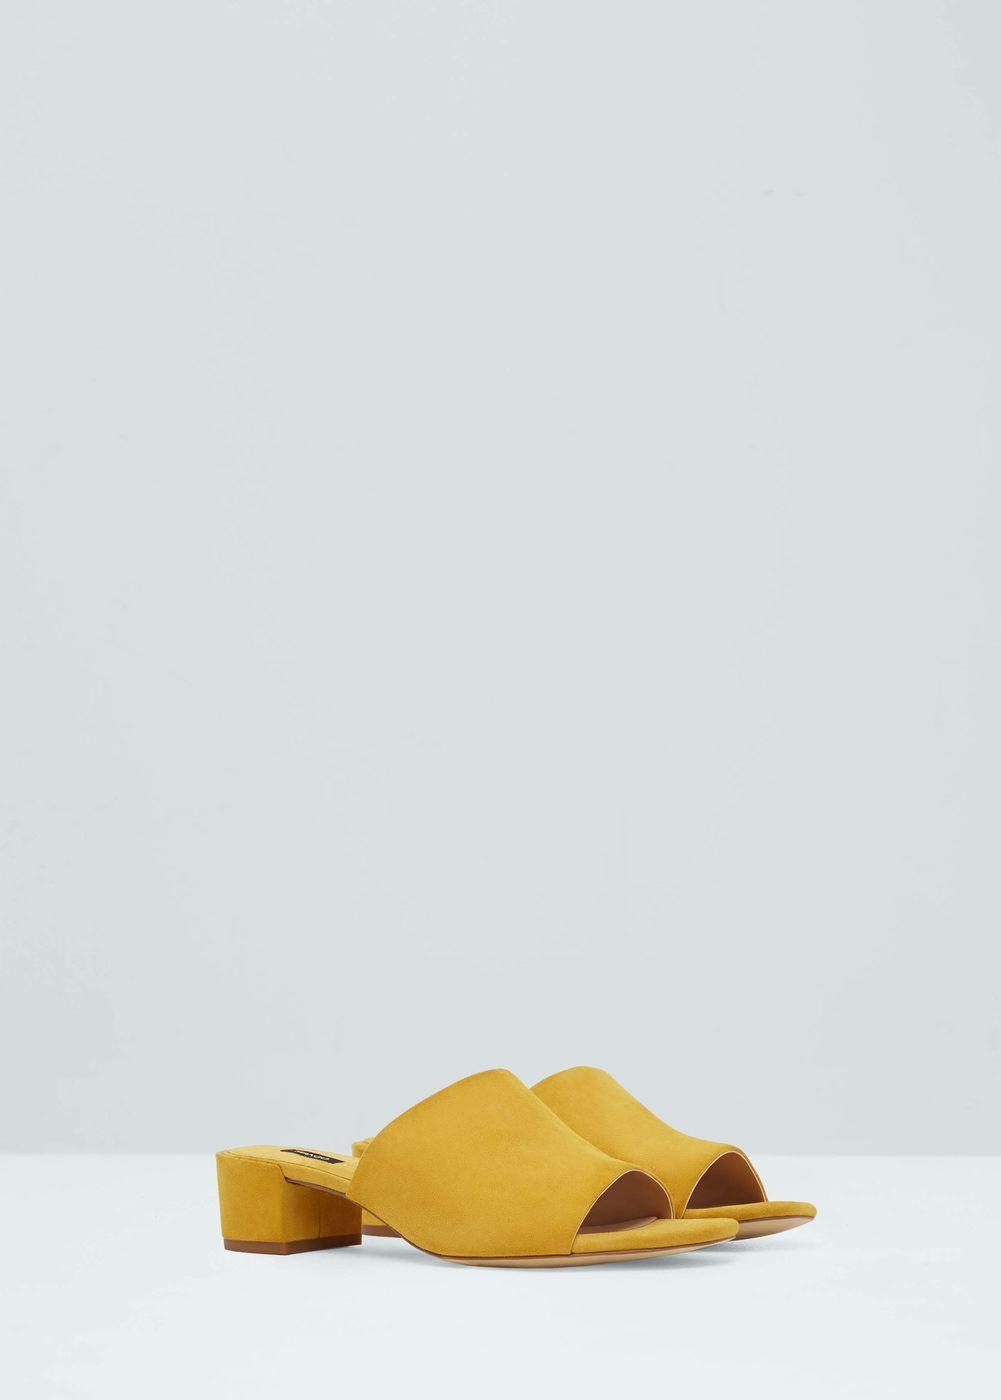 b12d66abae9 Sandalia piel destalonada - Zapatos de Mujer